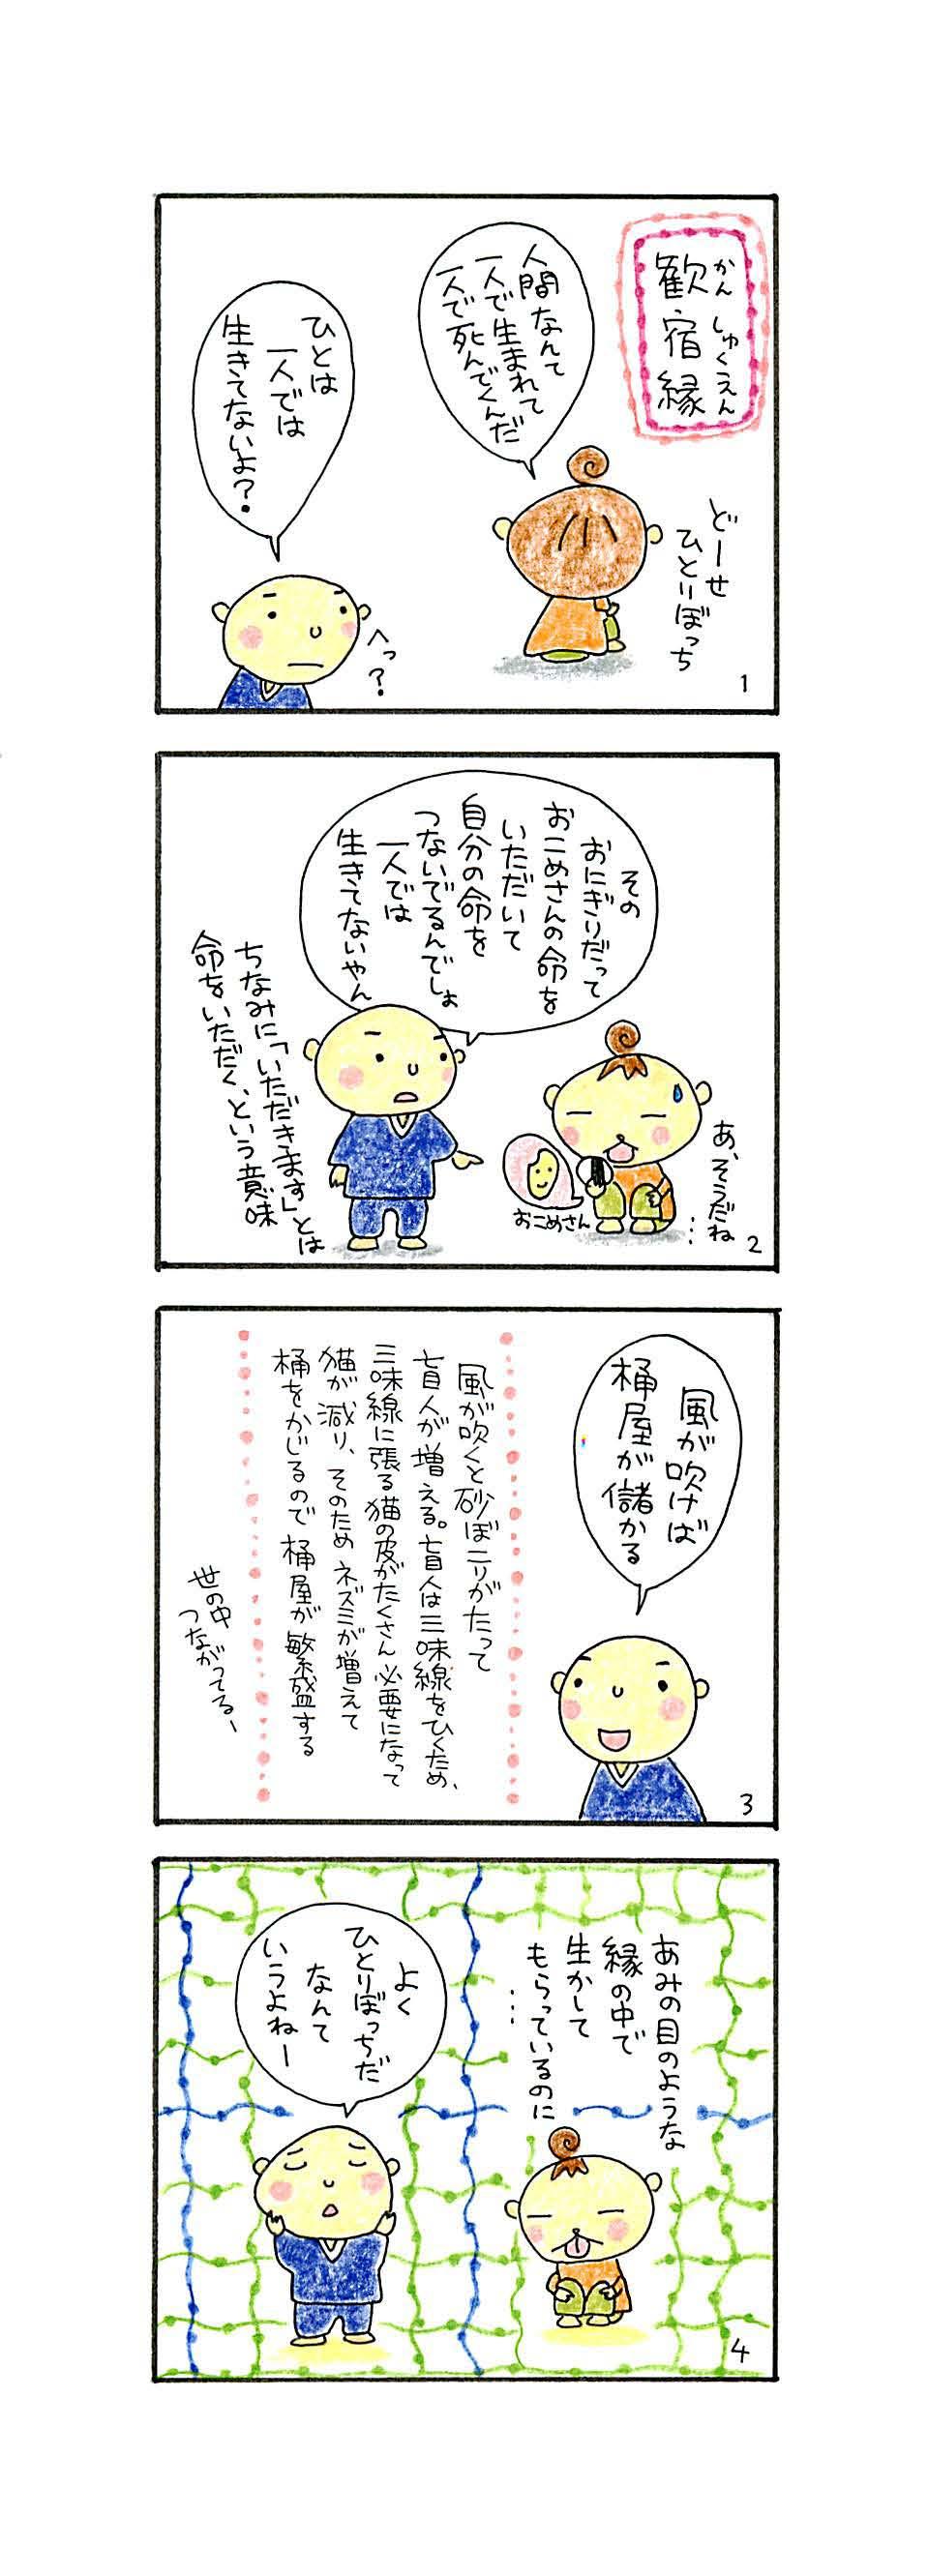 薫明 歓宿縁_ページ_1